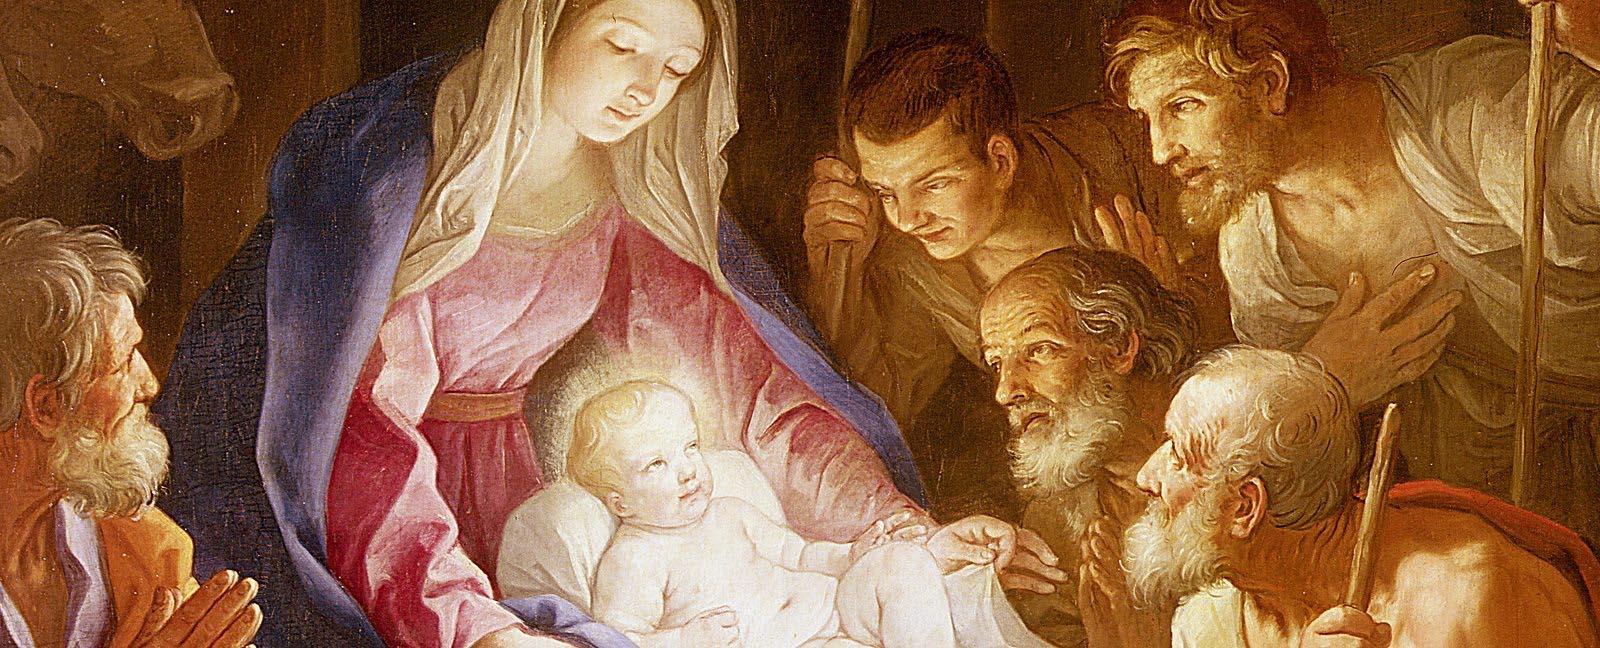 Encuentro con Jesus 9 - La Encarnación. Unión hipostática